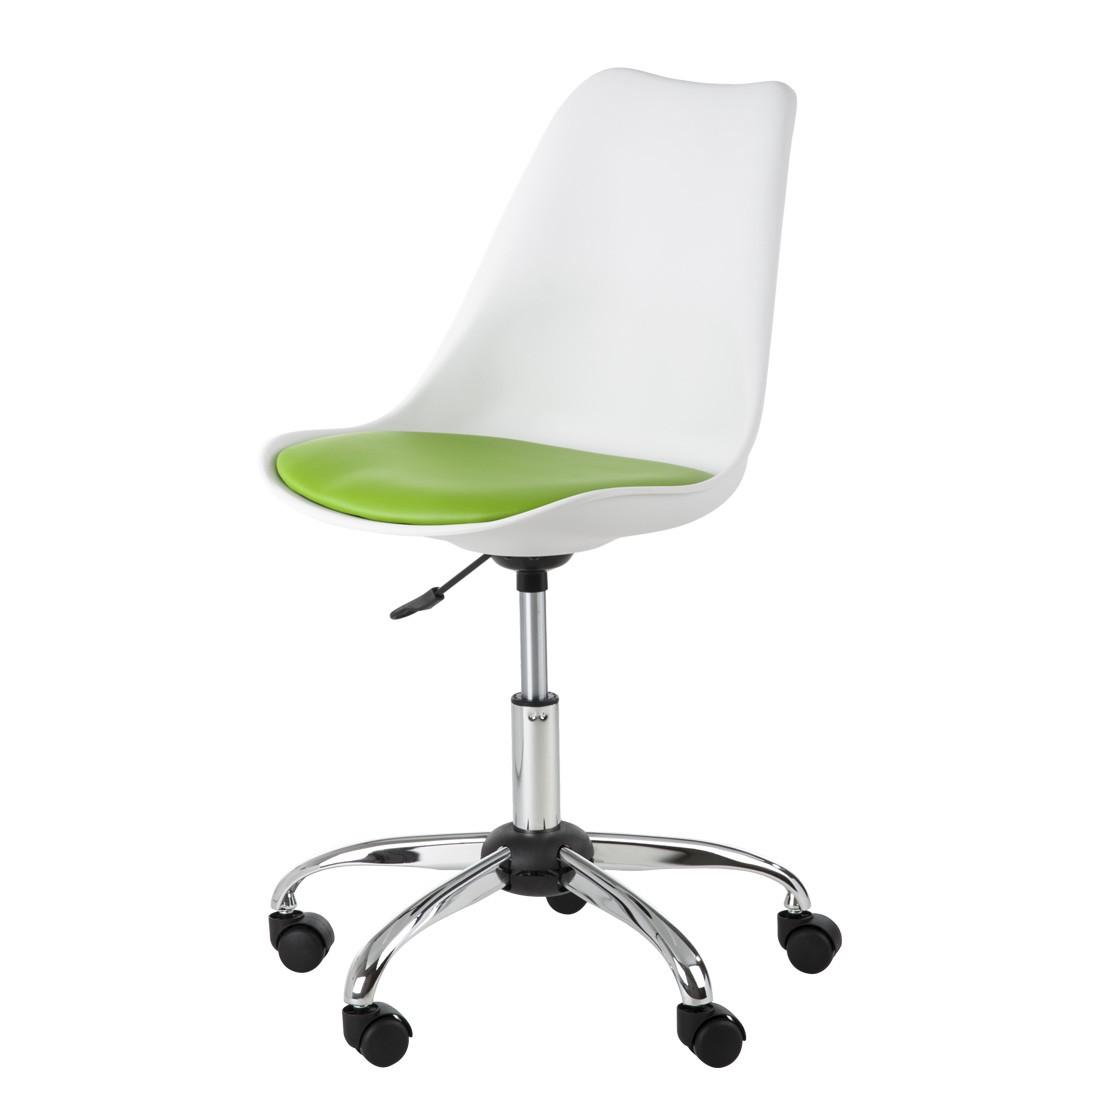 Home 24 - Chaise pivotante pour enfant lana blanche / vert pomme, home24 office